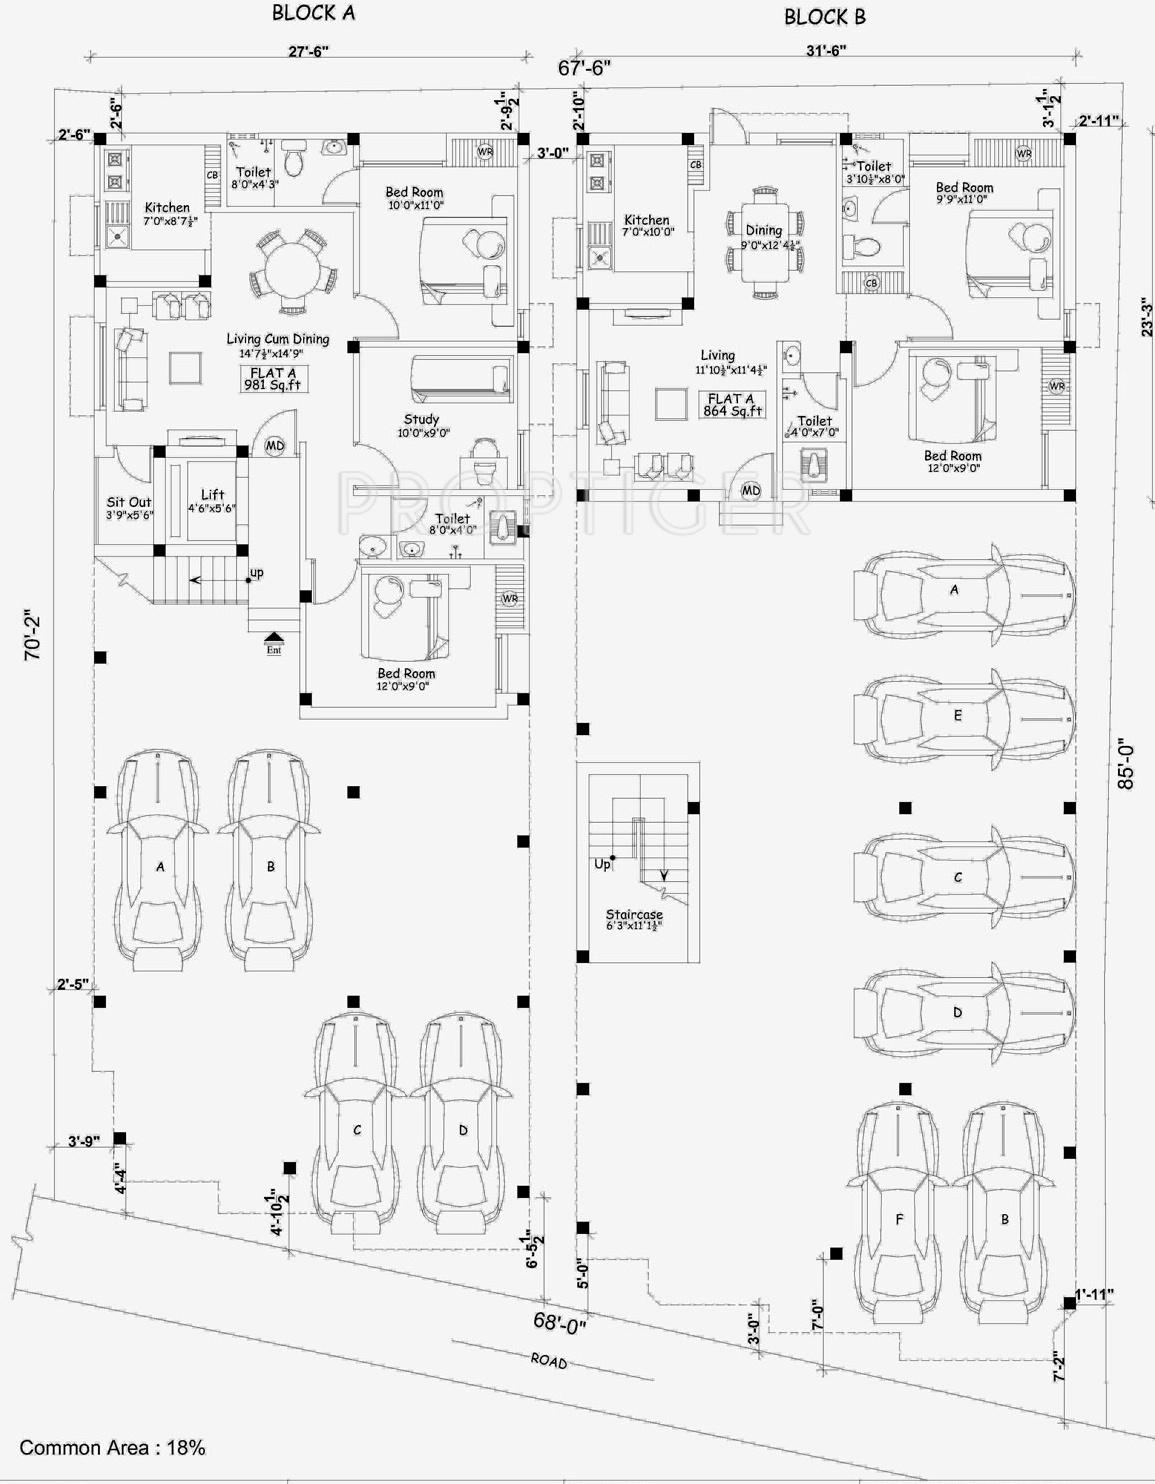 2 3 Bhk Cluster Plan Image